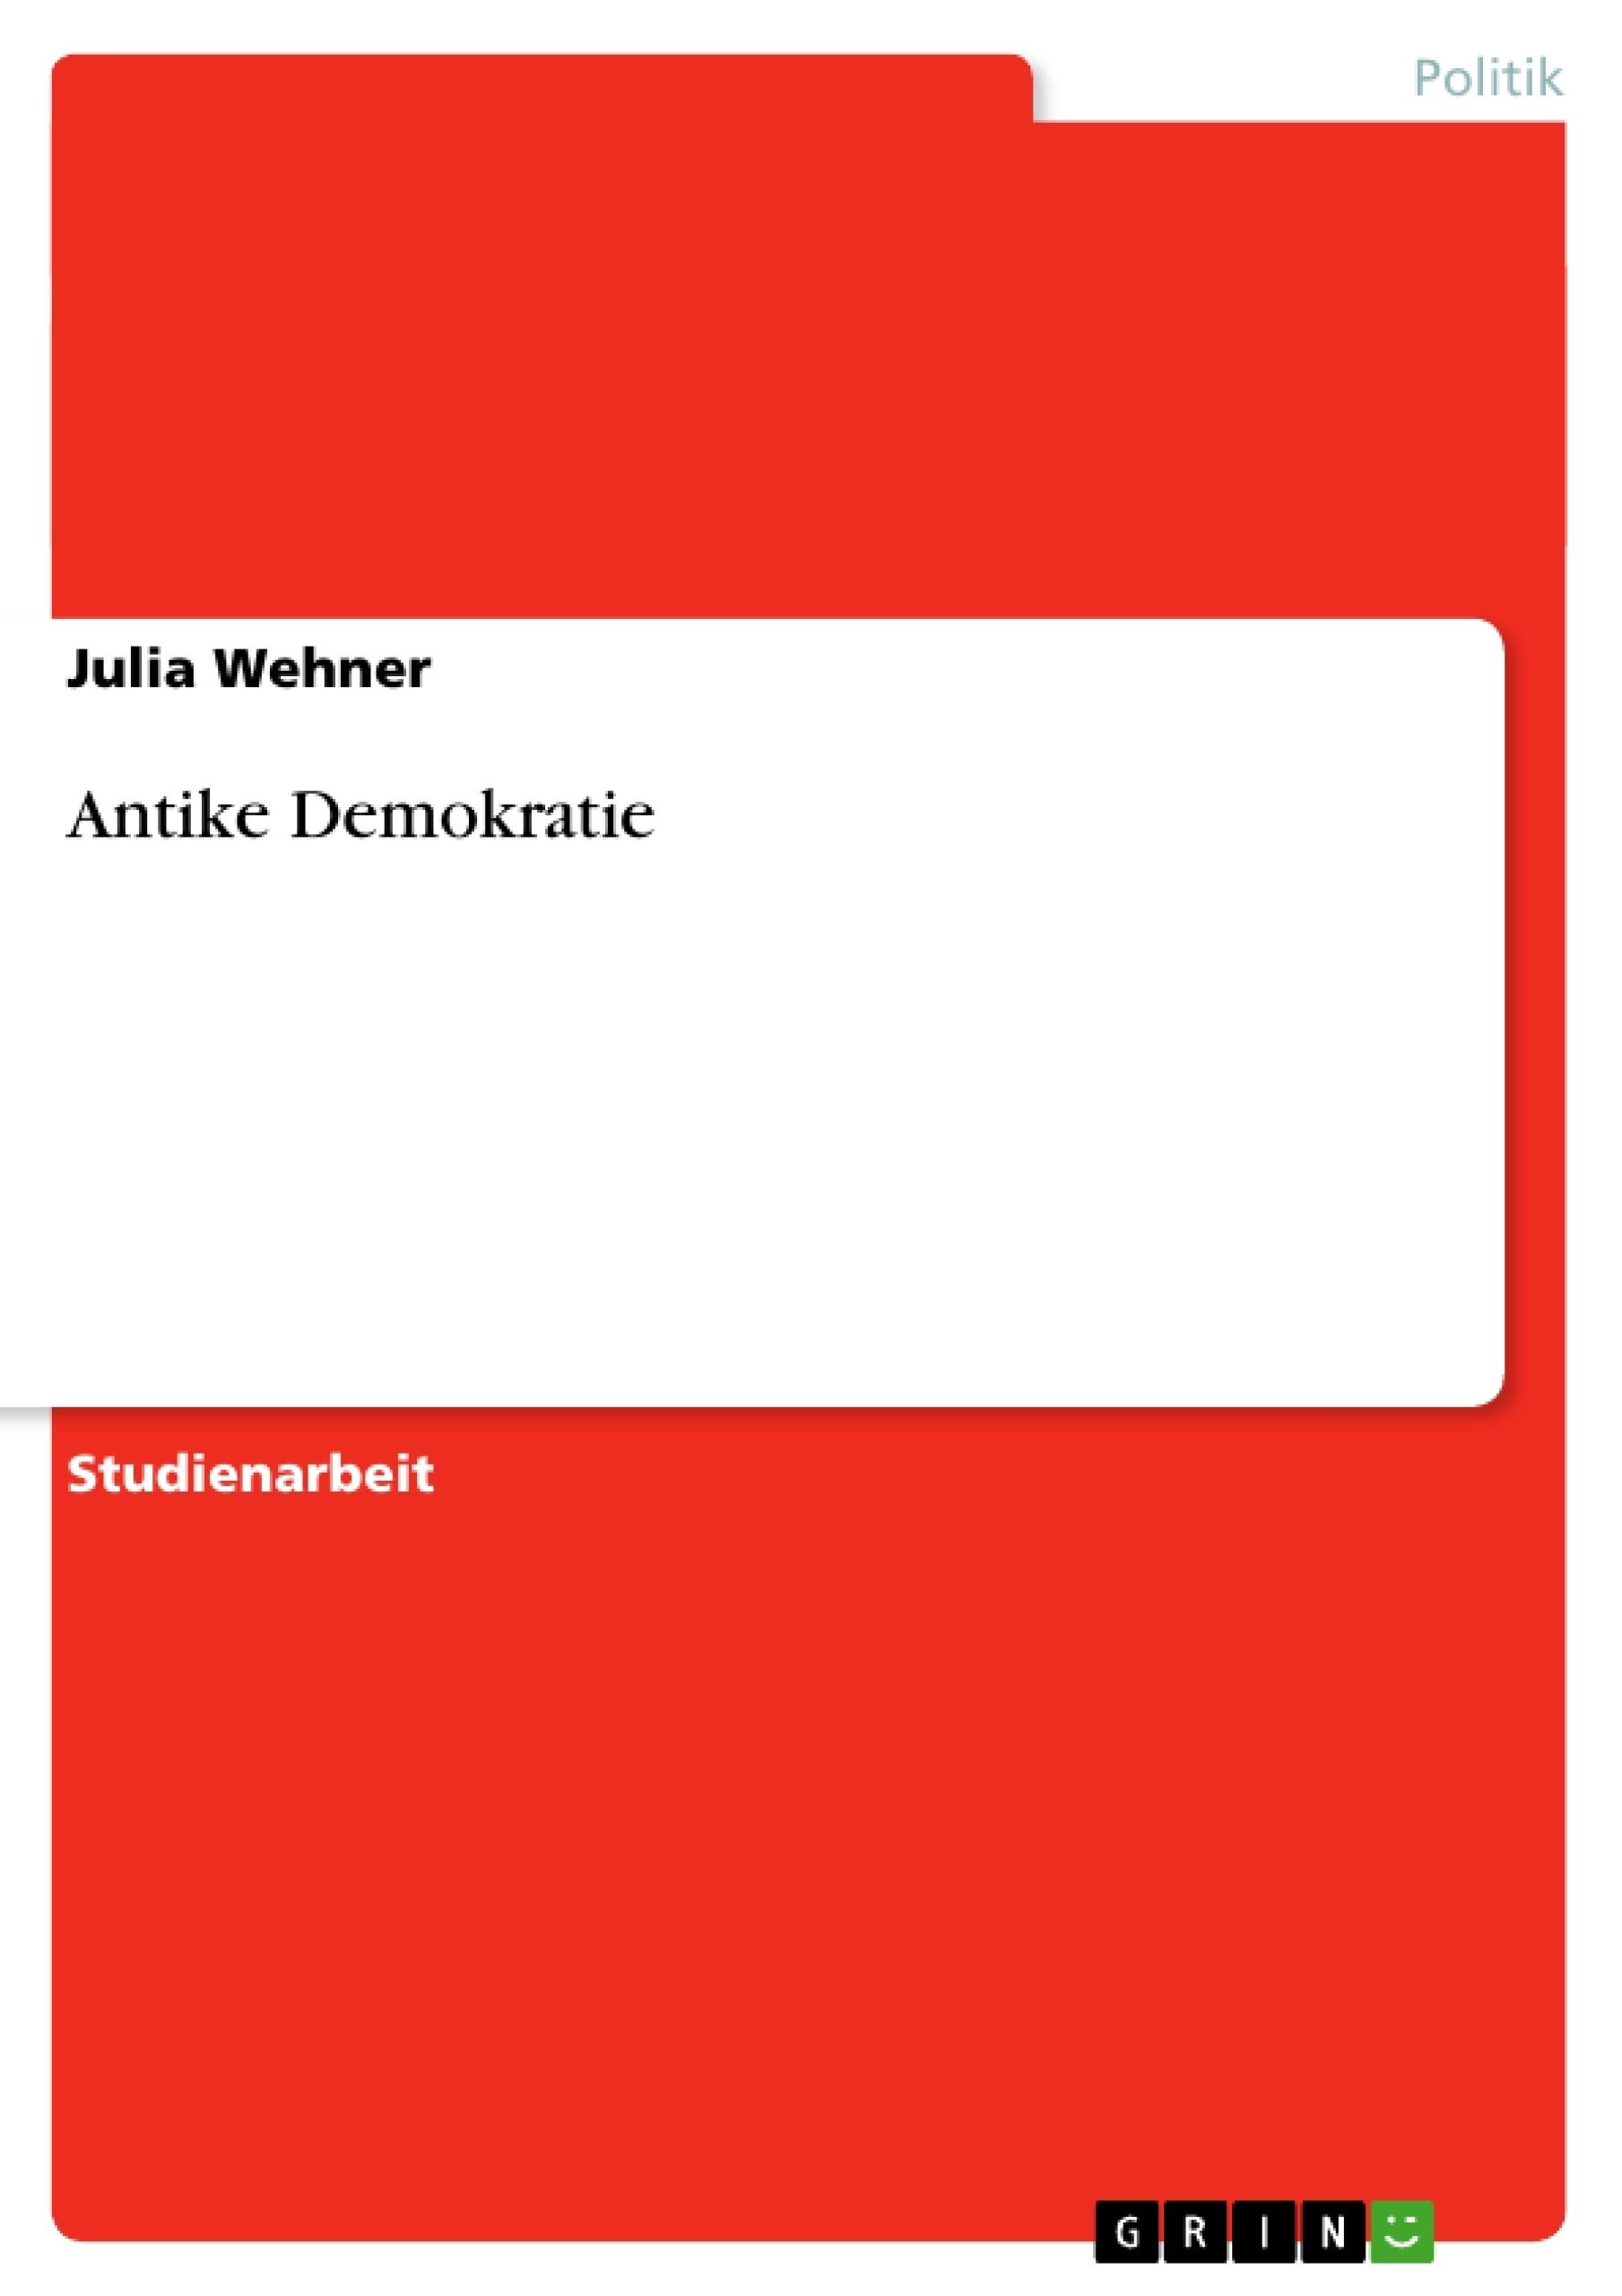 Titel: Antike Demokratie